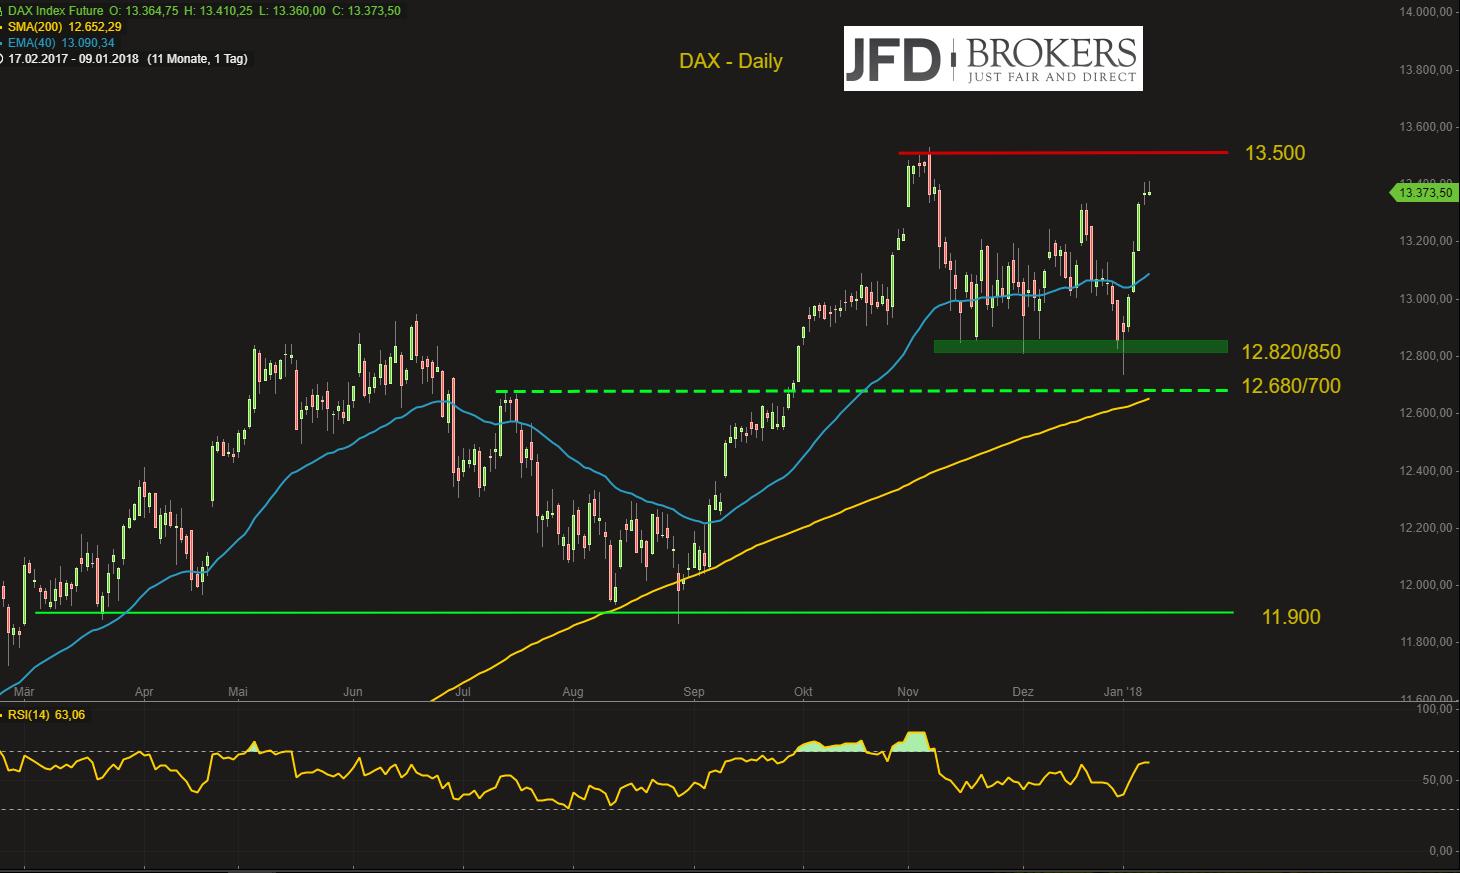 DAX-stabilisiert-sich-auf-hohem-Niveau-tatsächliche-Stärke-oder-schwacher-Euro-als-Grund-Kommentar-JFD-Brokers-GodmodeTrader.de-2